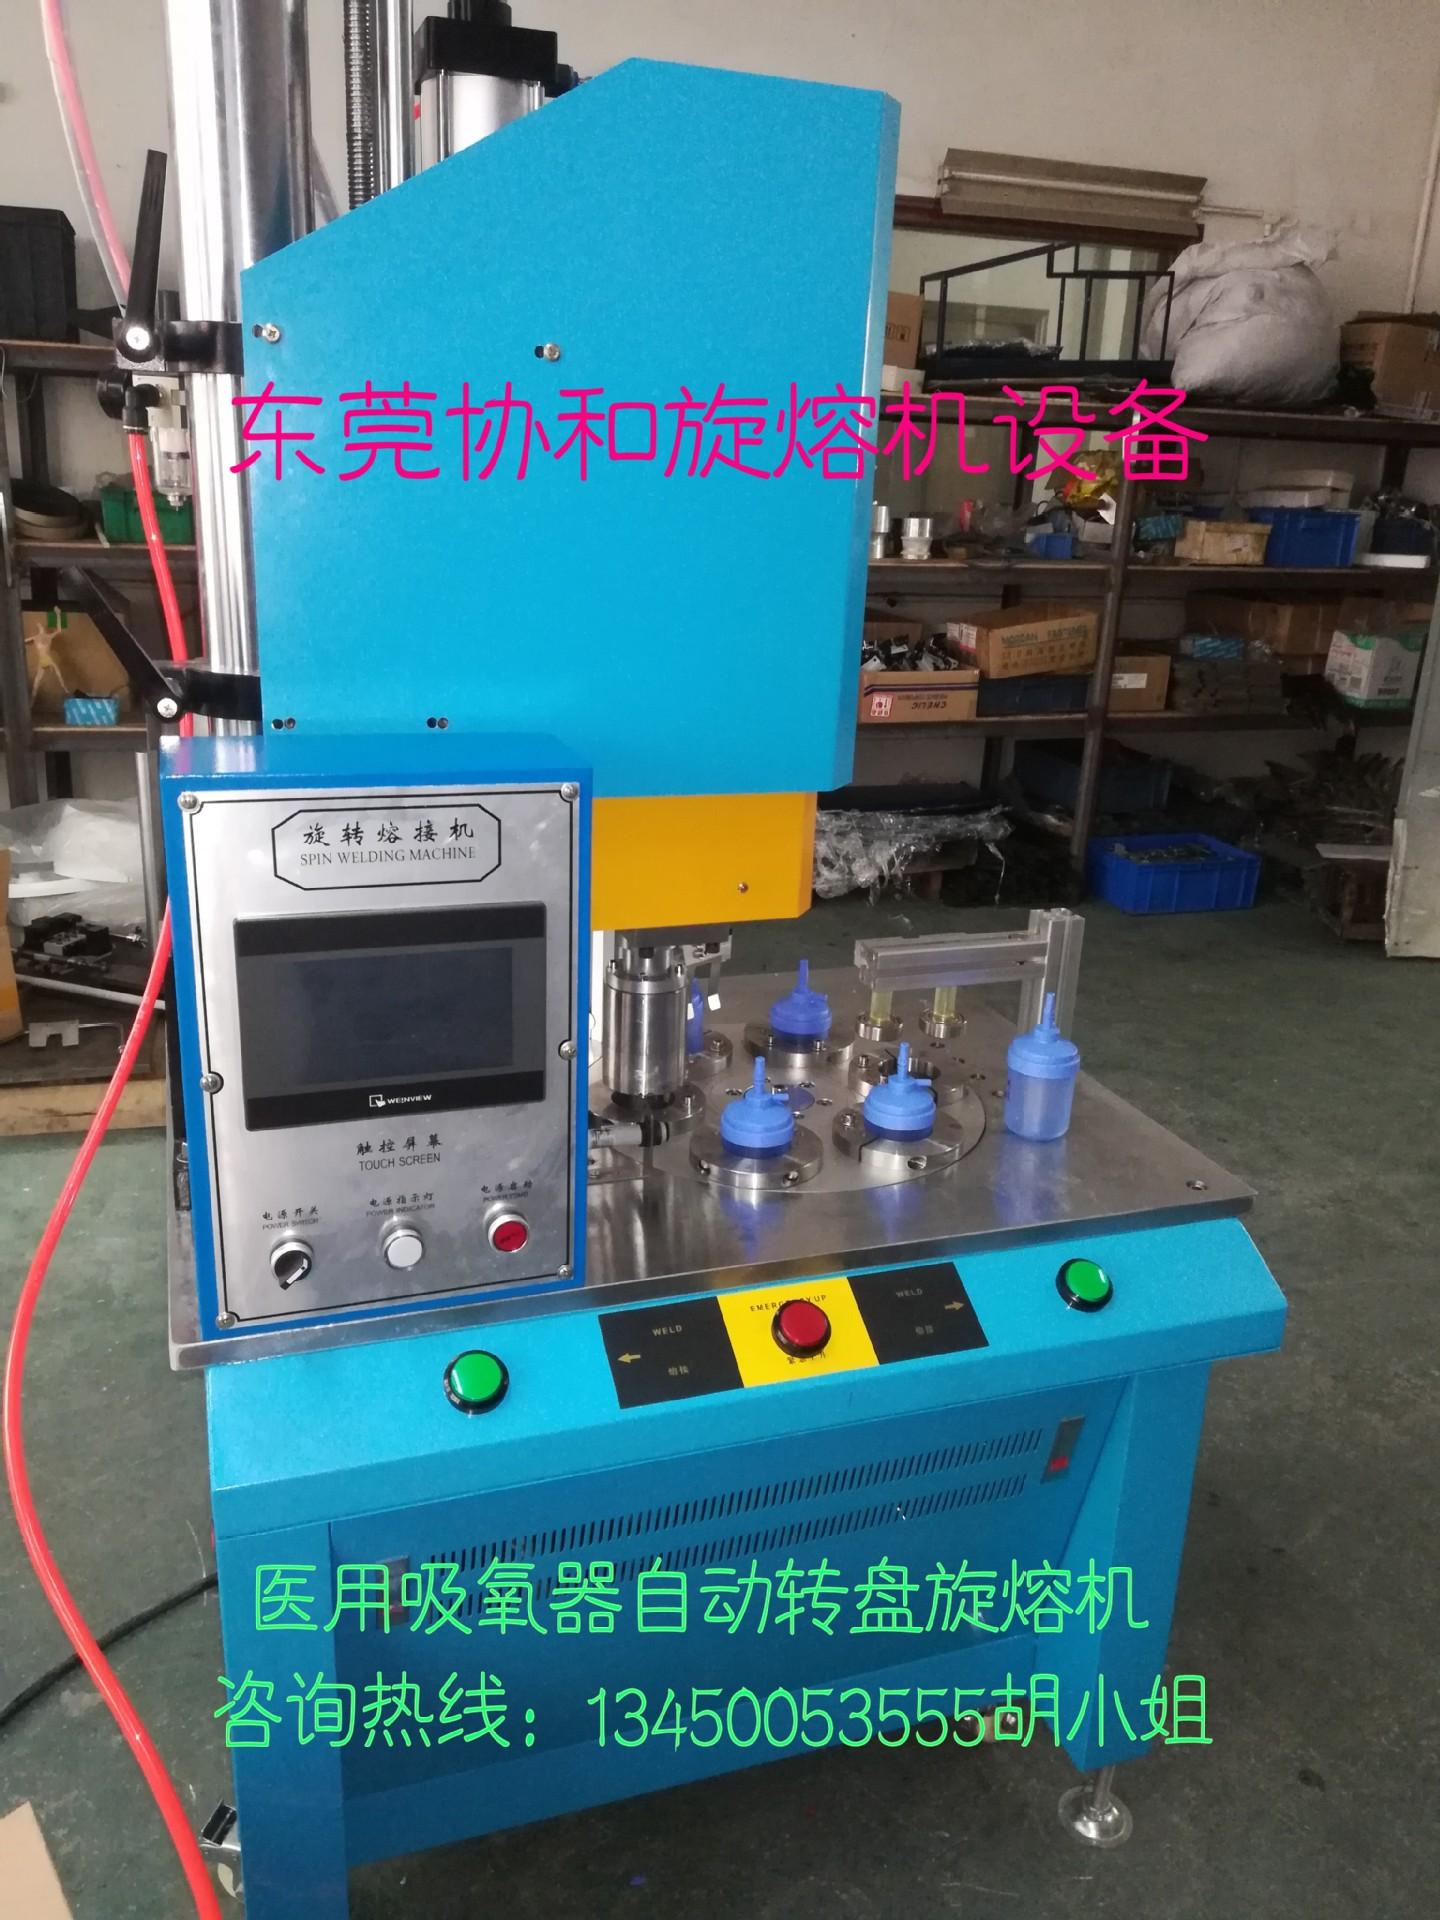 定位旋熔机的原理 协和生产厂家质量保证  定位旋熔机的价格示例图5